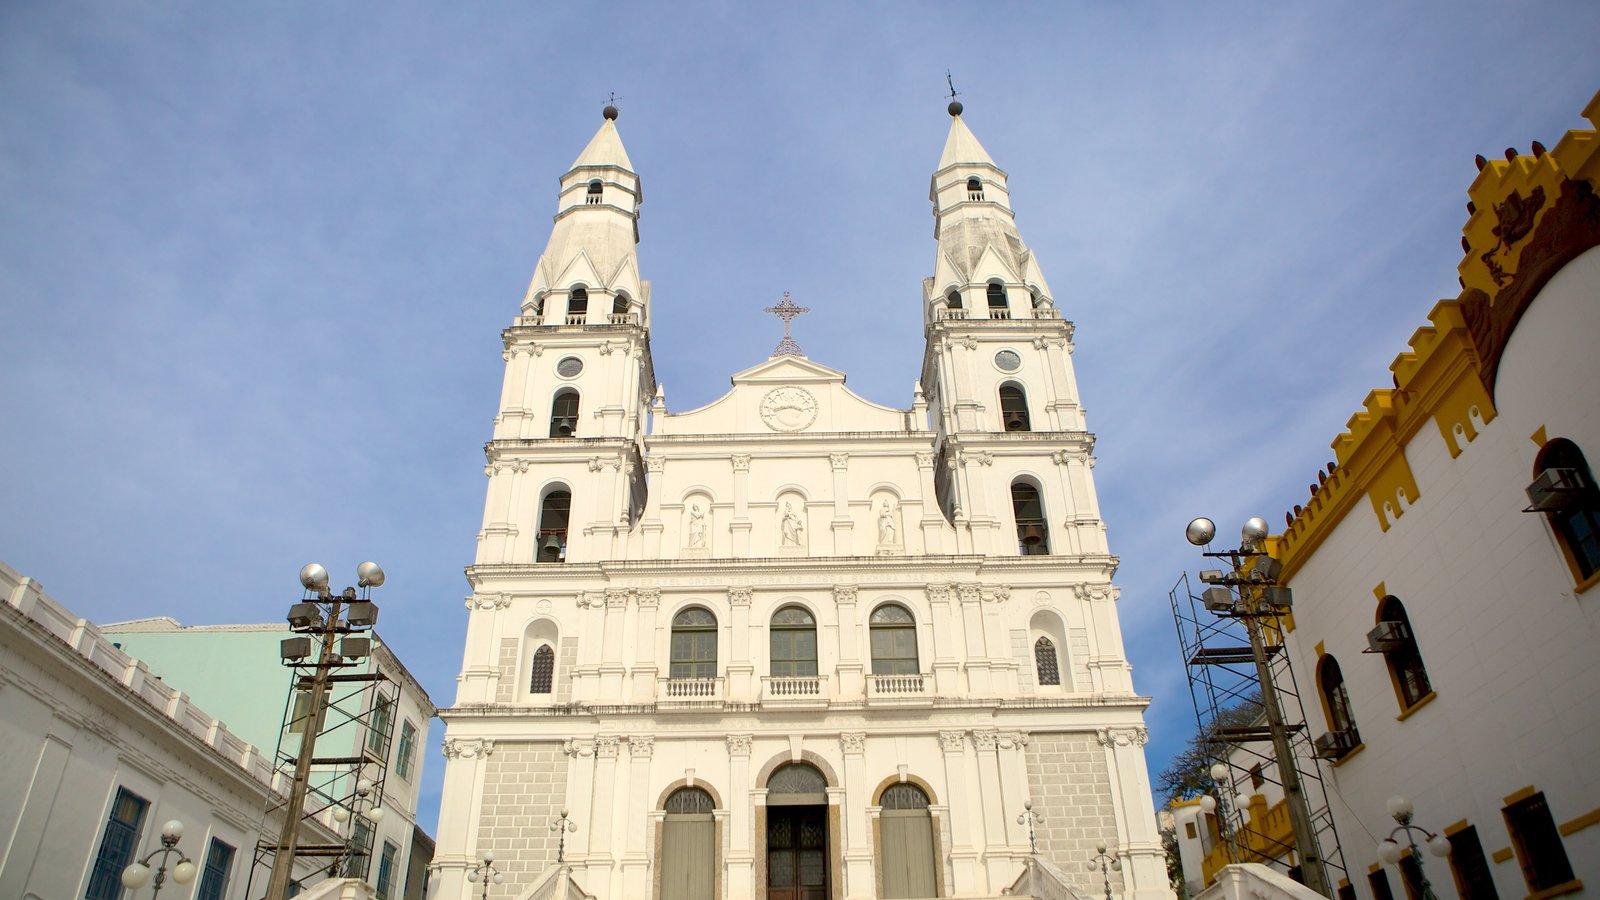 Porto Alegre caracterizando arquitetura de patrimônio e uma igreja ou catedral